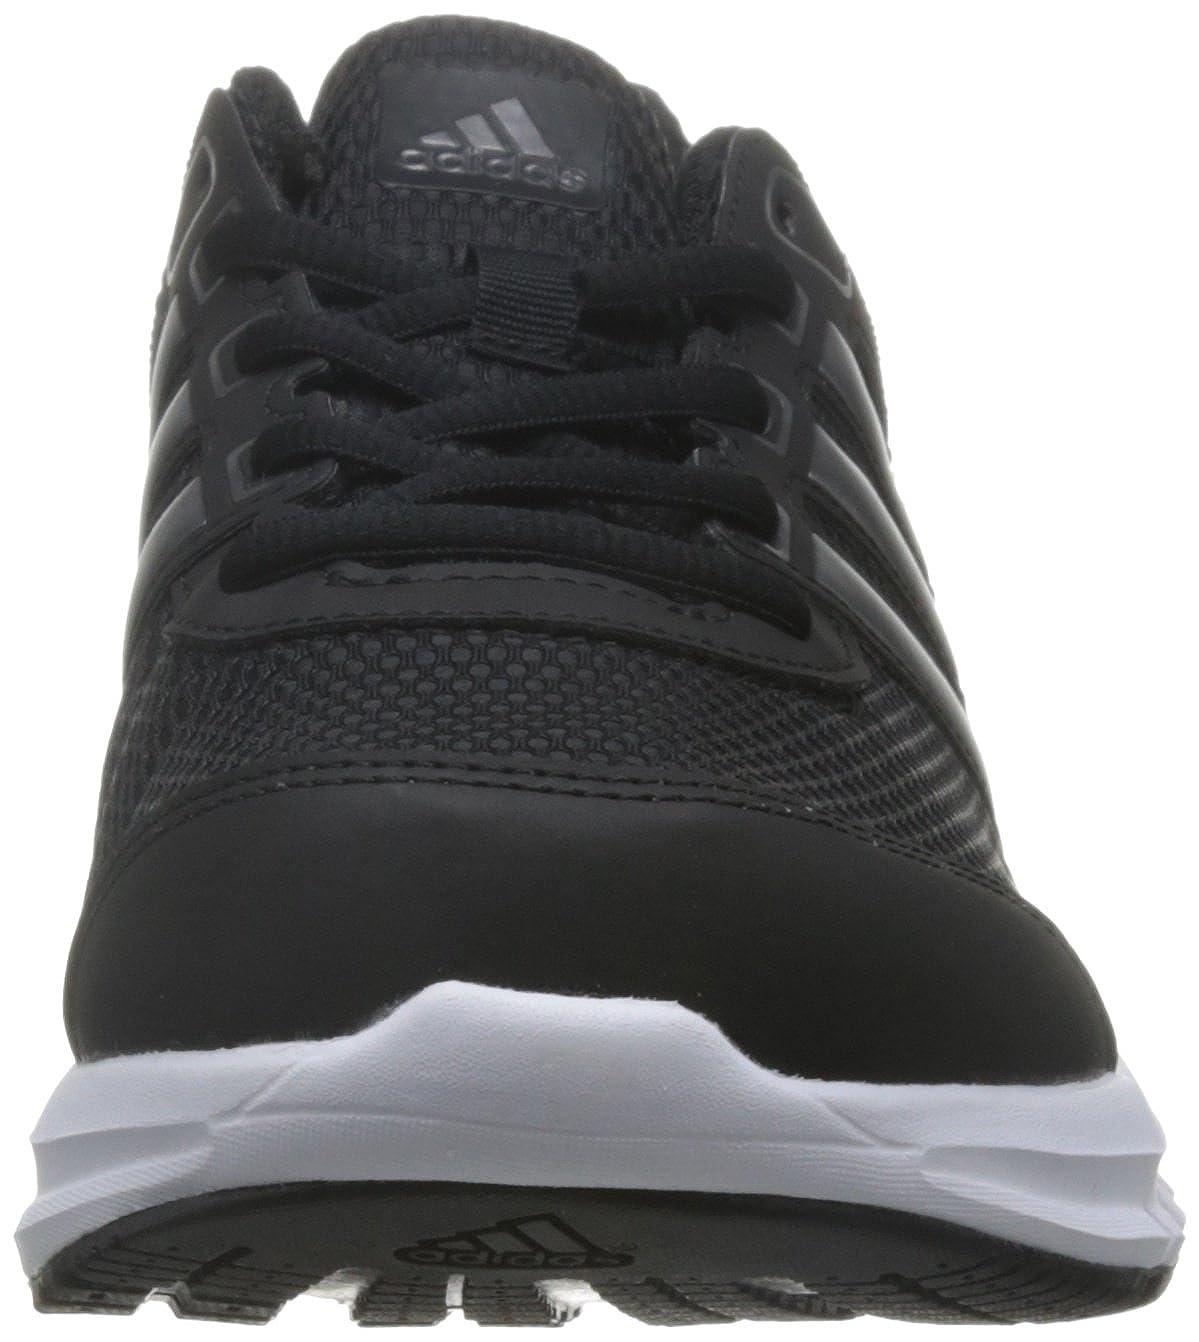 factory authentic c841f 6ccd7 adidas Duramo Lite M, Scarpe da Corsa Uomo  Amazon.it  Scarpe e borse